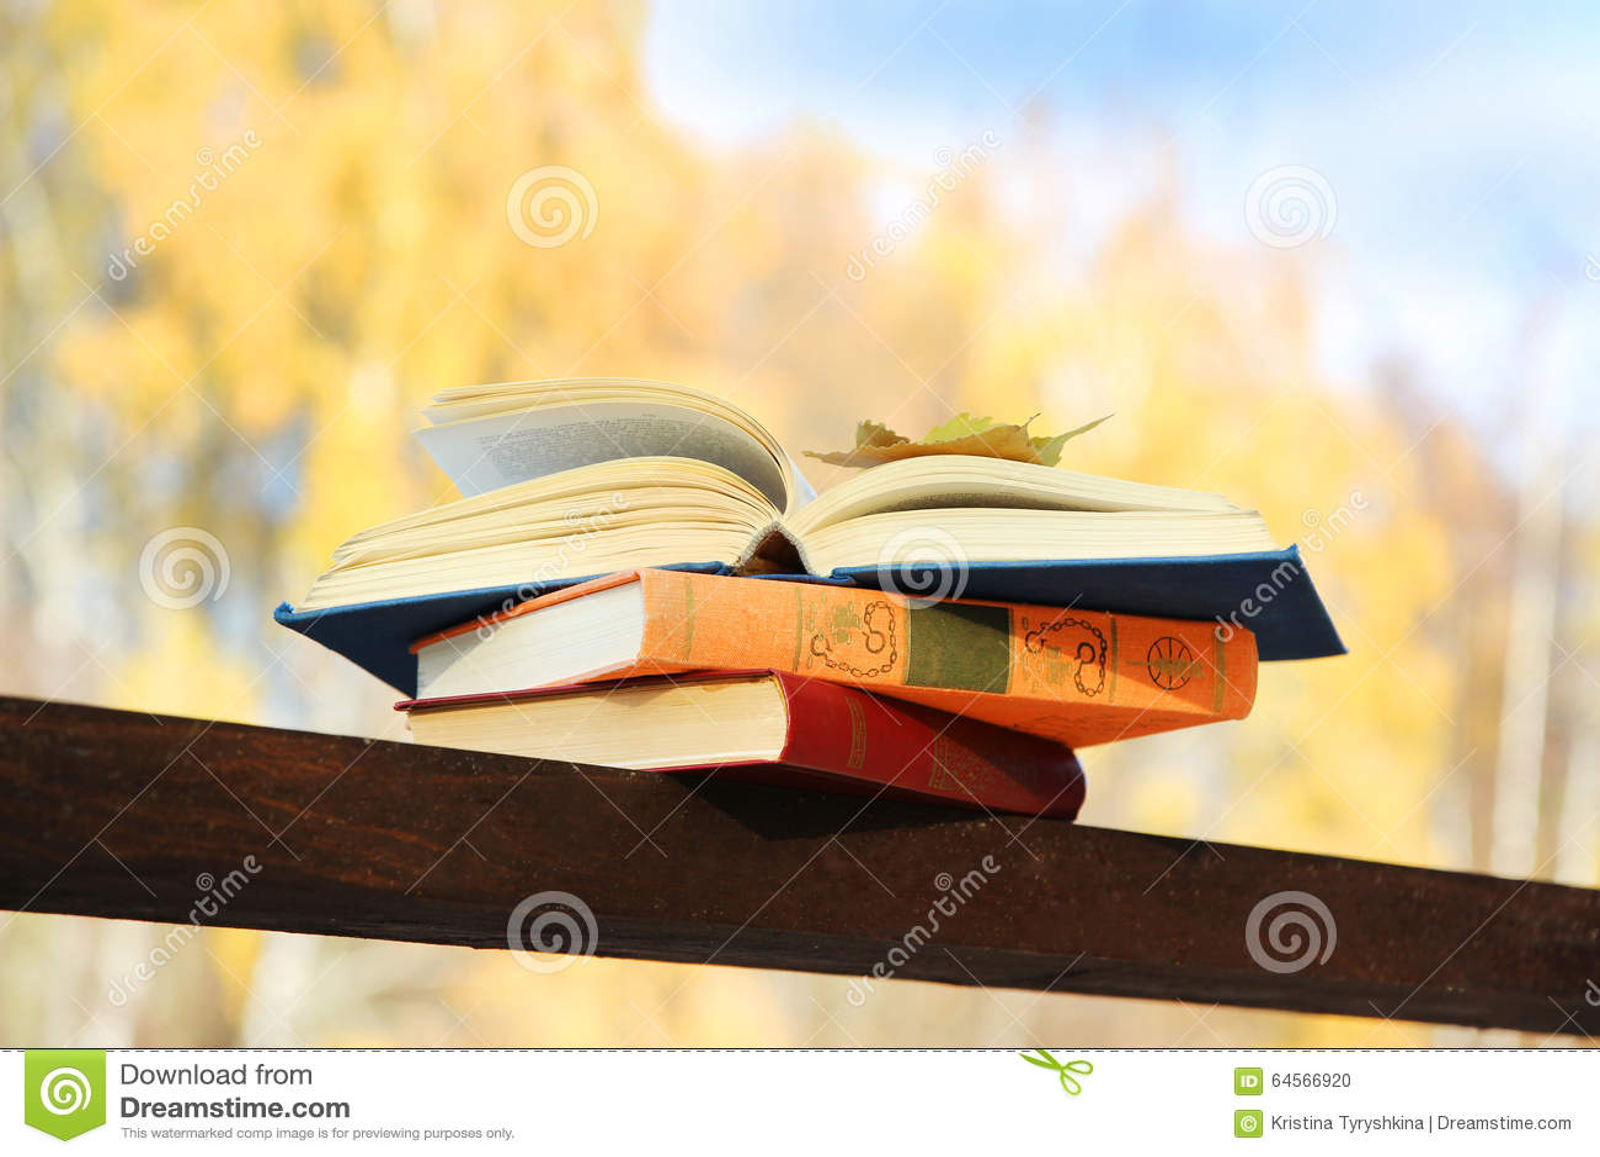 download boek op een grond dichtbij meer de kennis is macht onderwijs verlichting stock foto